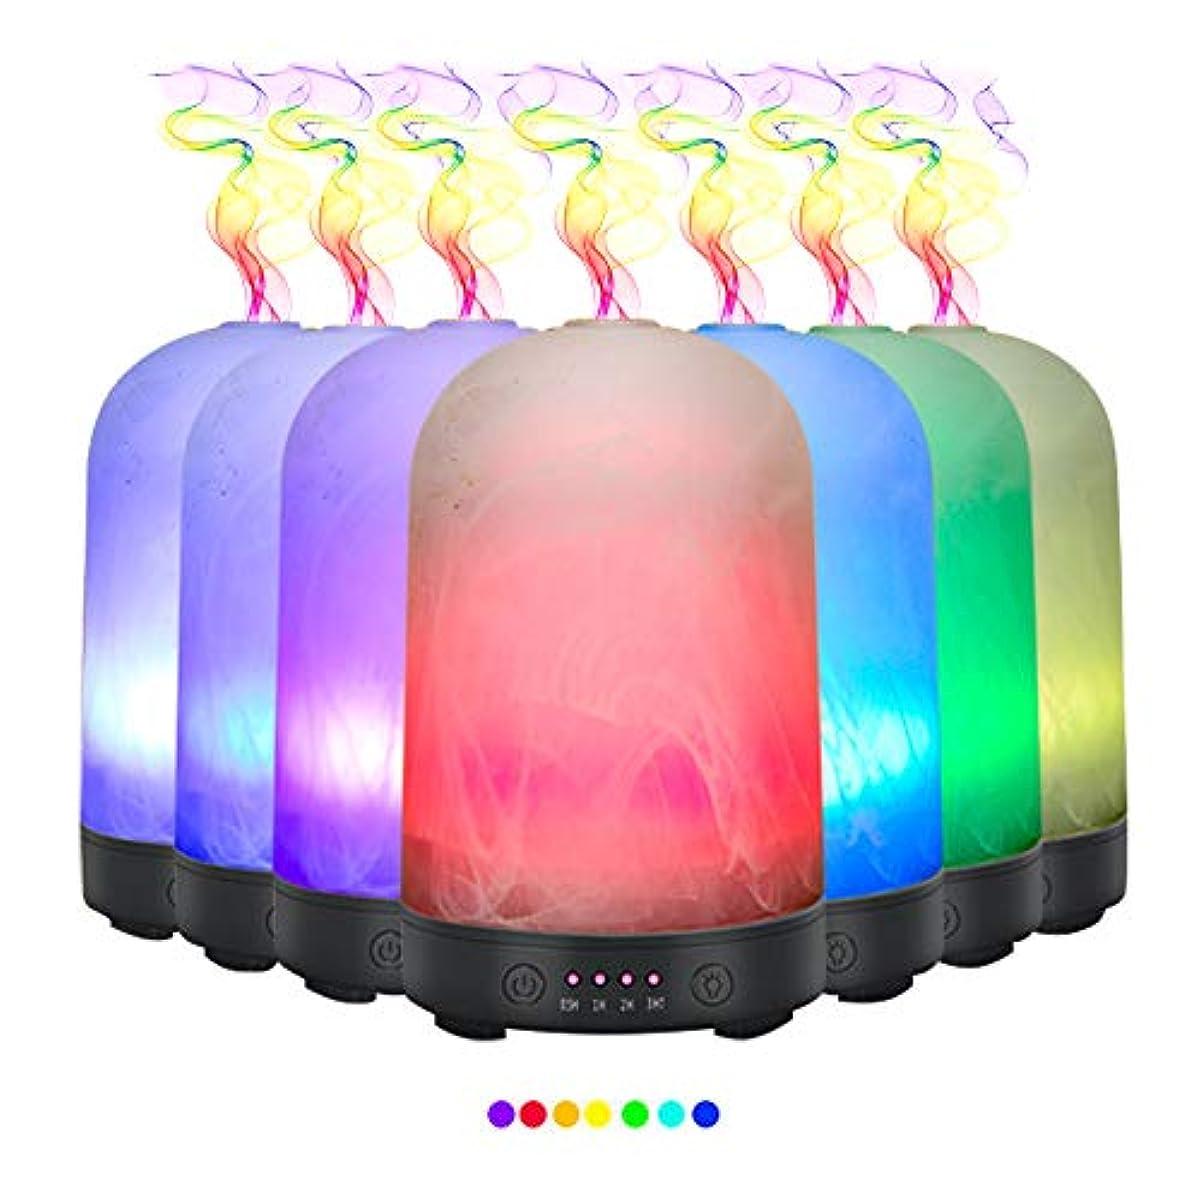 国旗鎮静剤忌み嫌うエッセンシャルオイル用ディフューザー (100ml)-3d アートガラスミストランプアロマ加湿器7色の変更 LED ライト & 4 タイマー設定、水なしオートシャットオフ